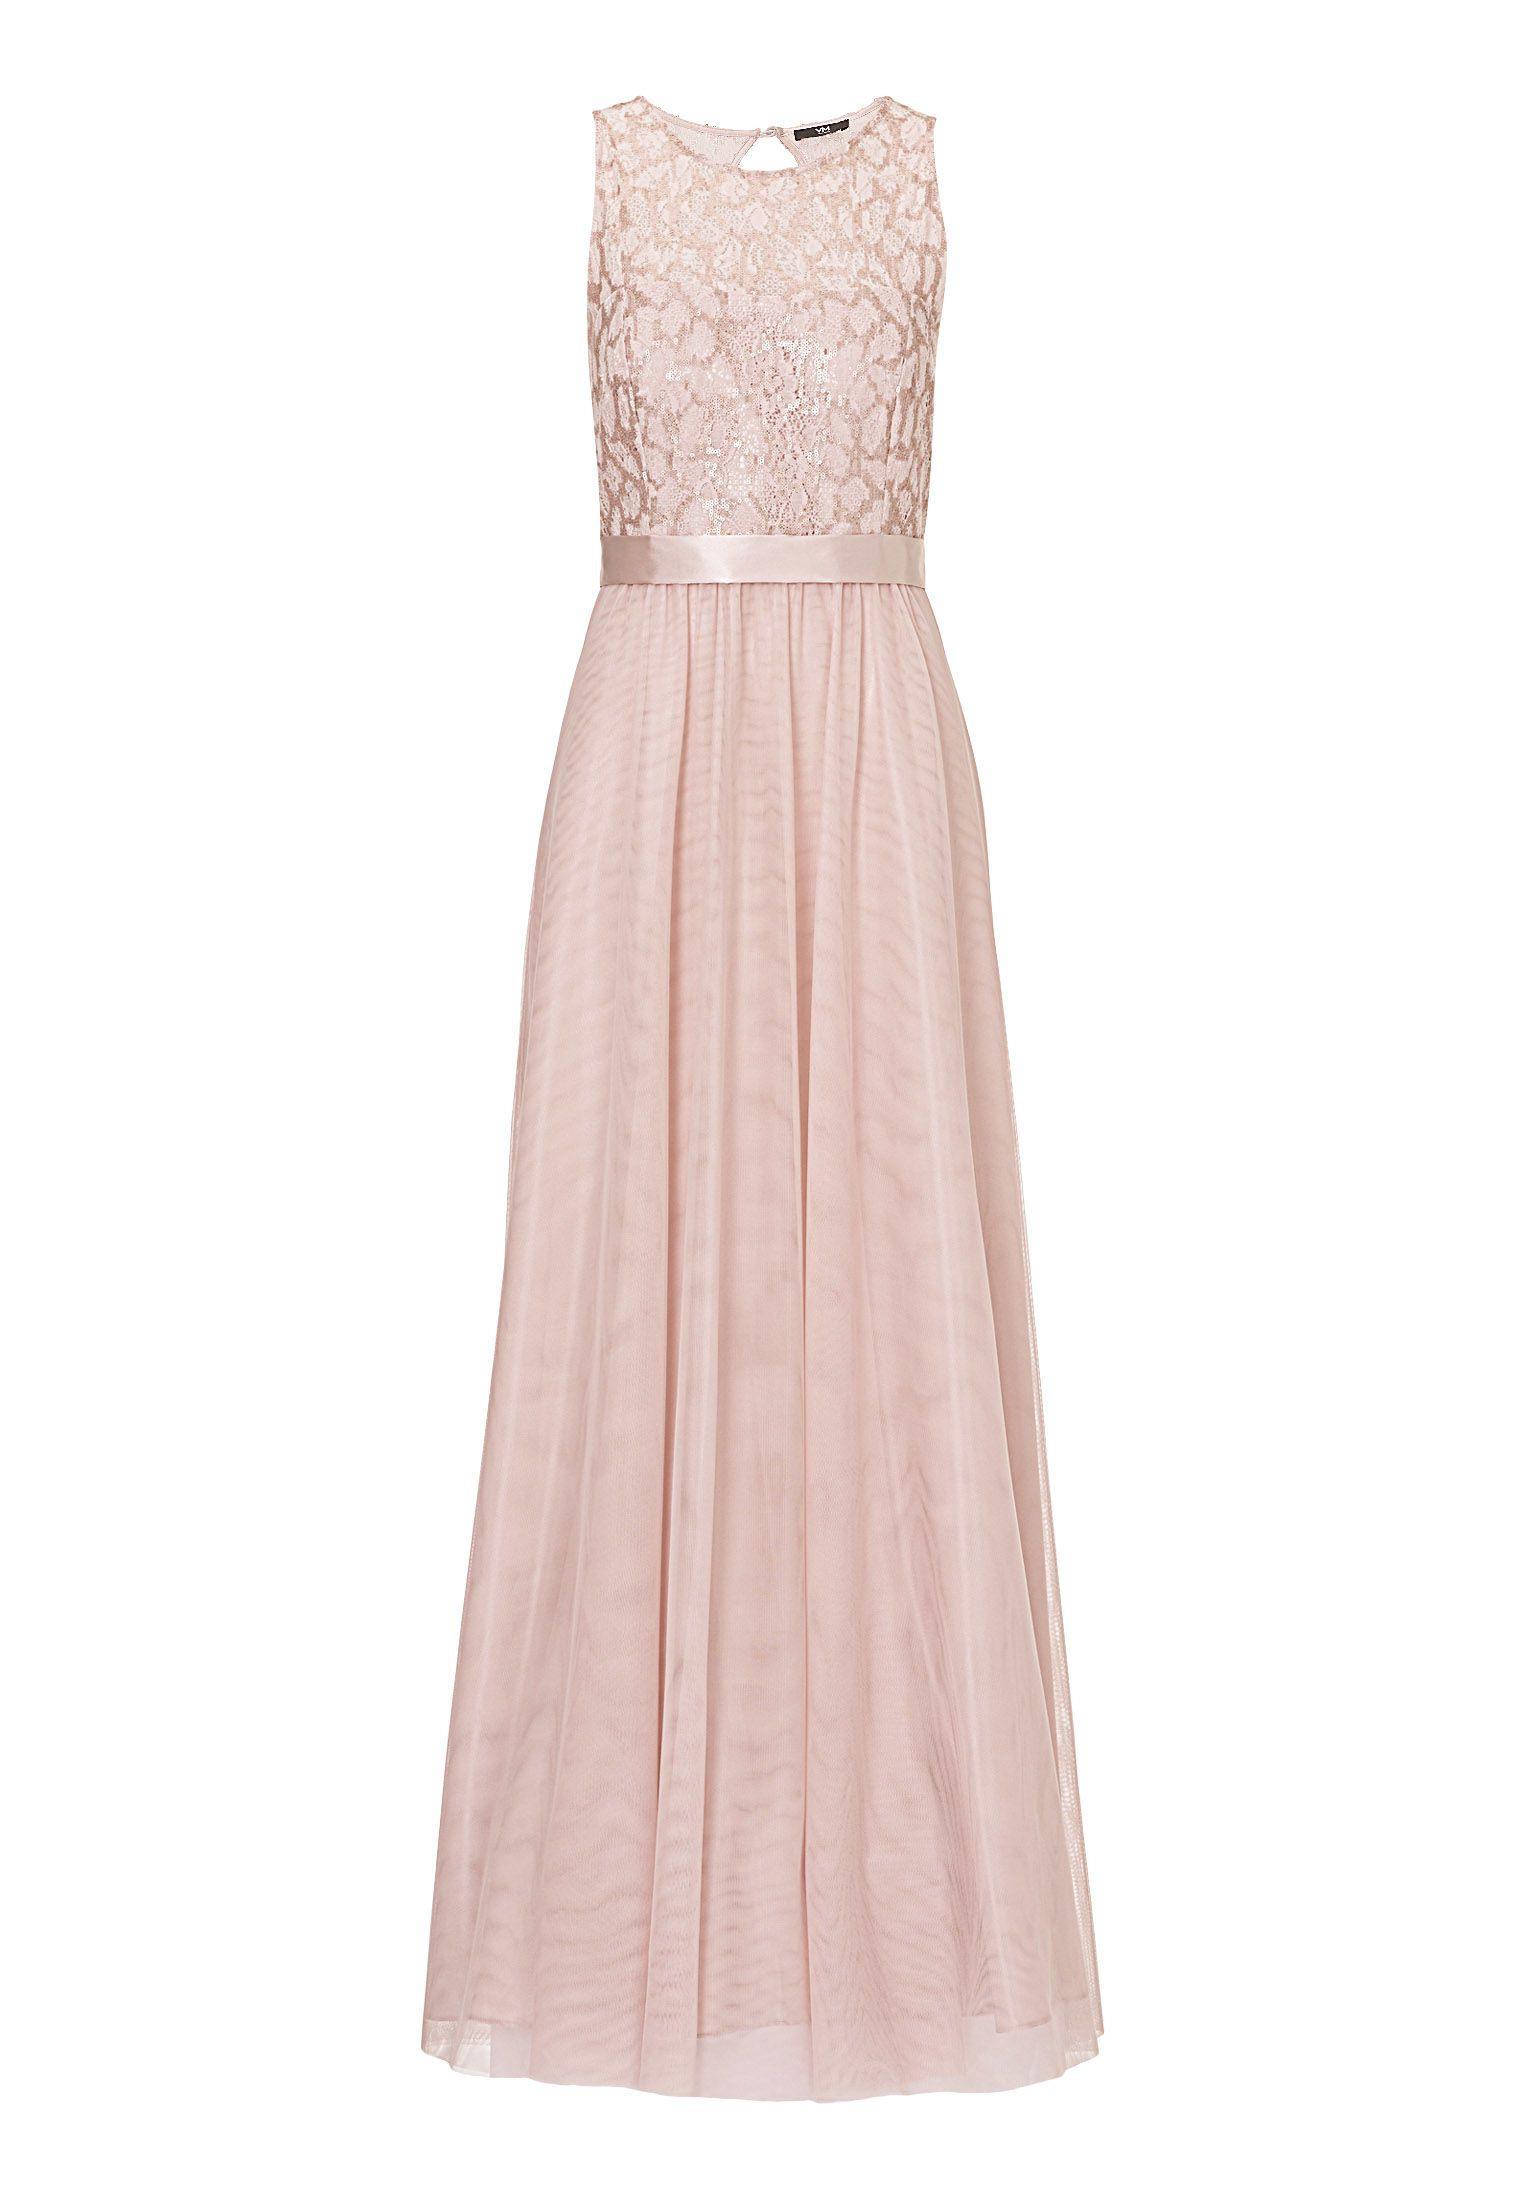 Formal Ausgezeichnet Abendkleider Vera Mont Bester Preis10 Einzigartig Abendkleider Vera Mont Vertrieb